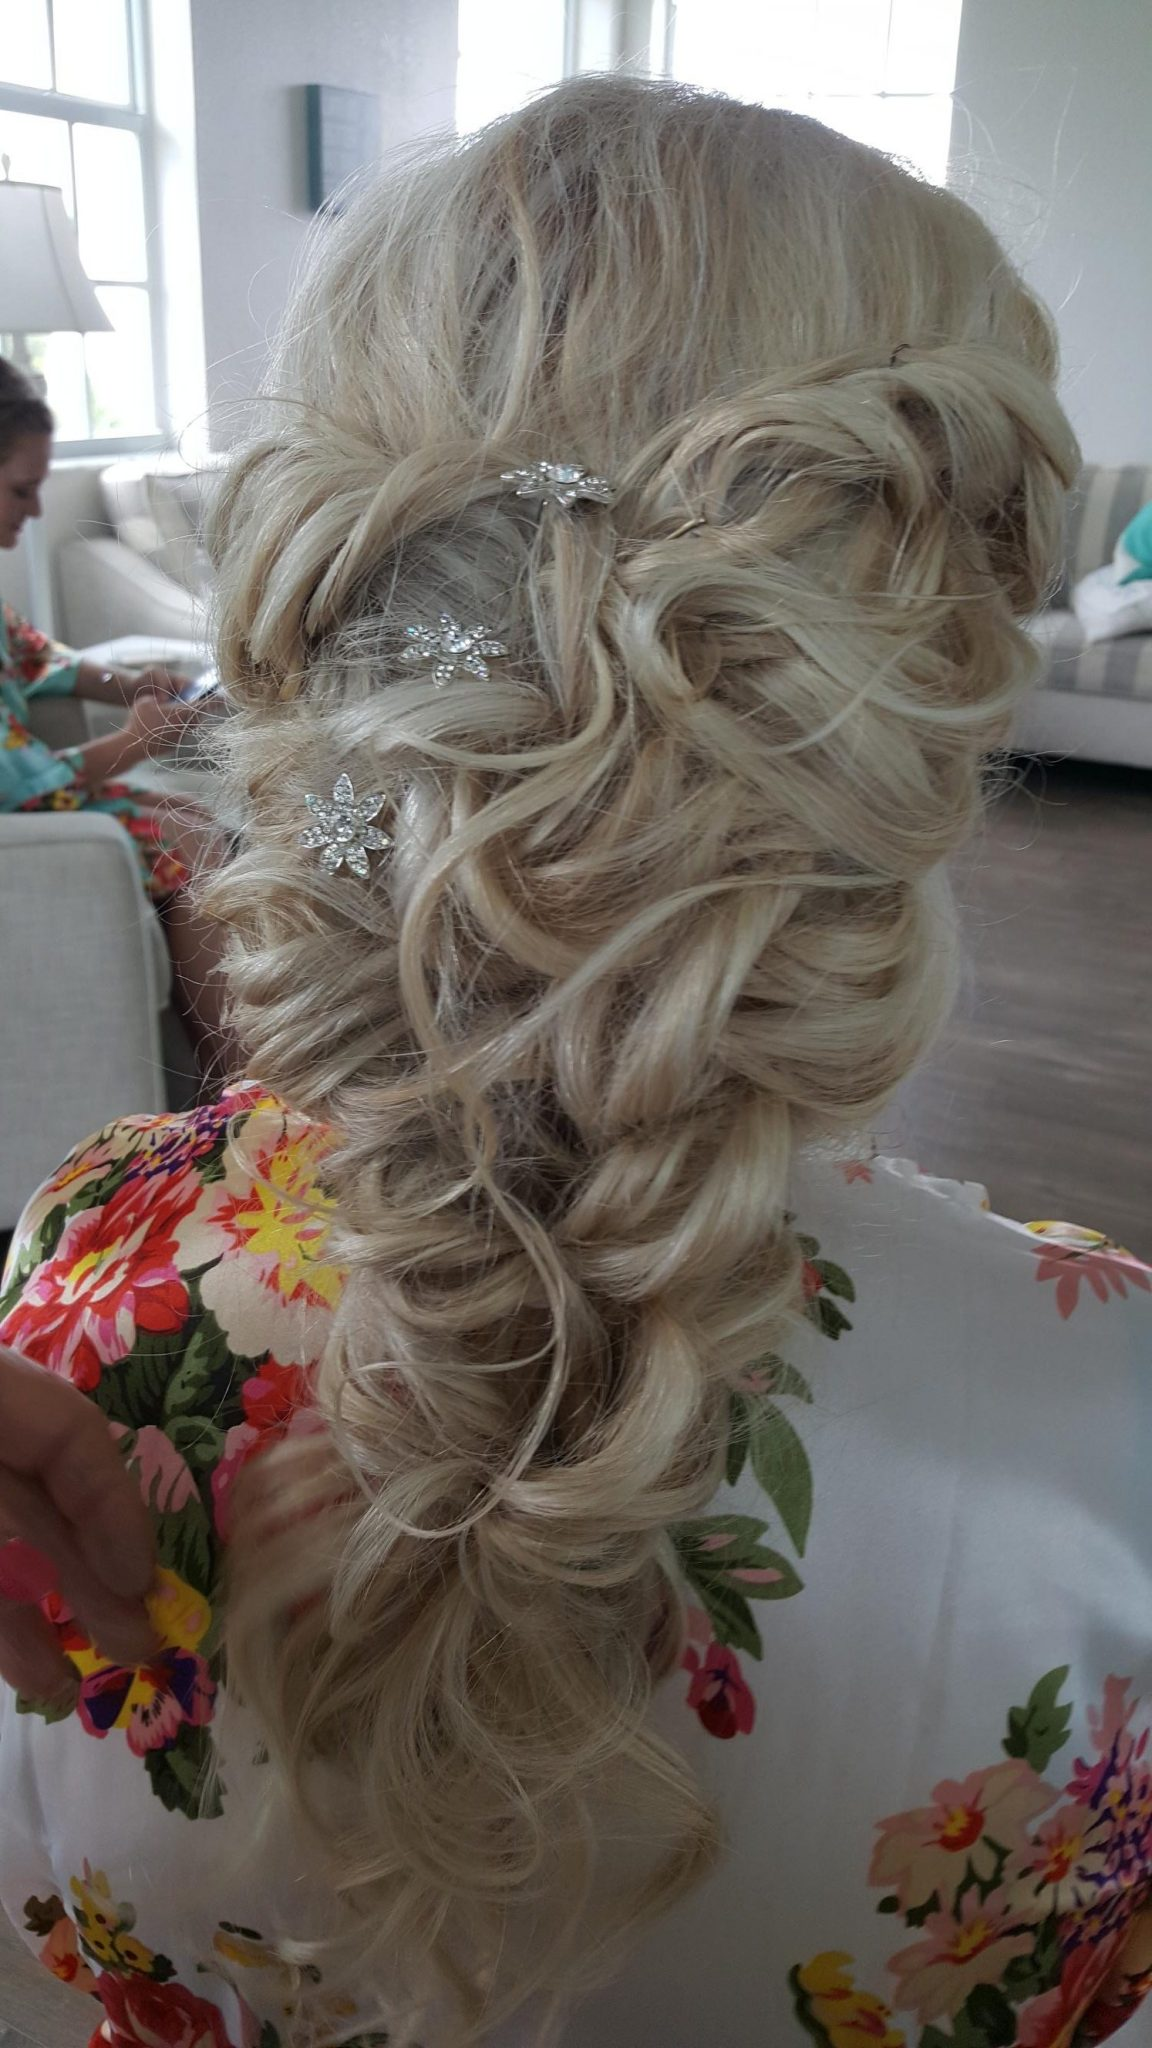 Shear Sailing June Wedding Hair Styling and Airbrush Makeup Brides Braid